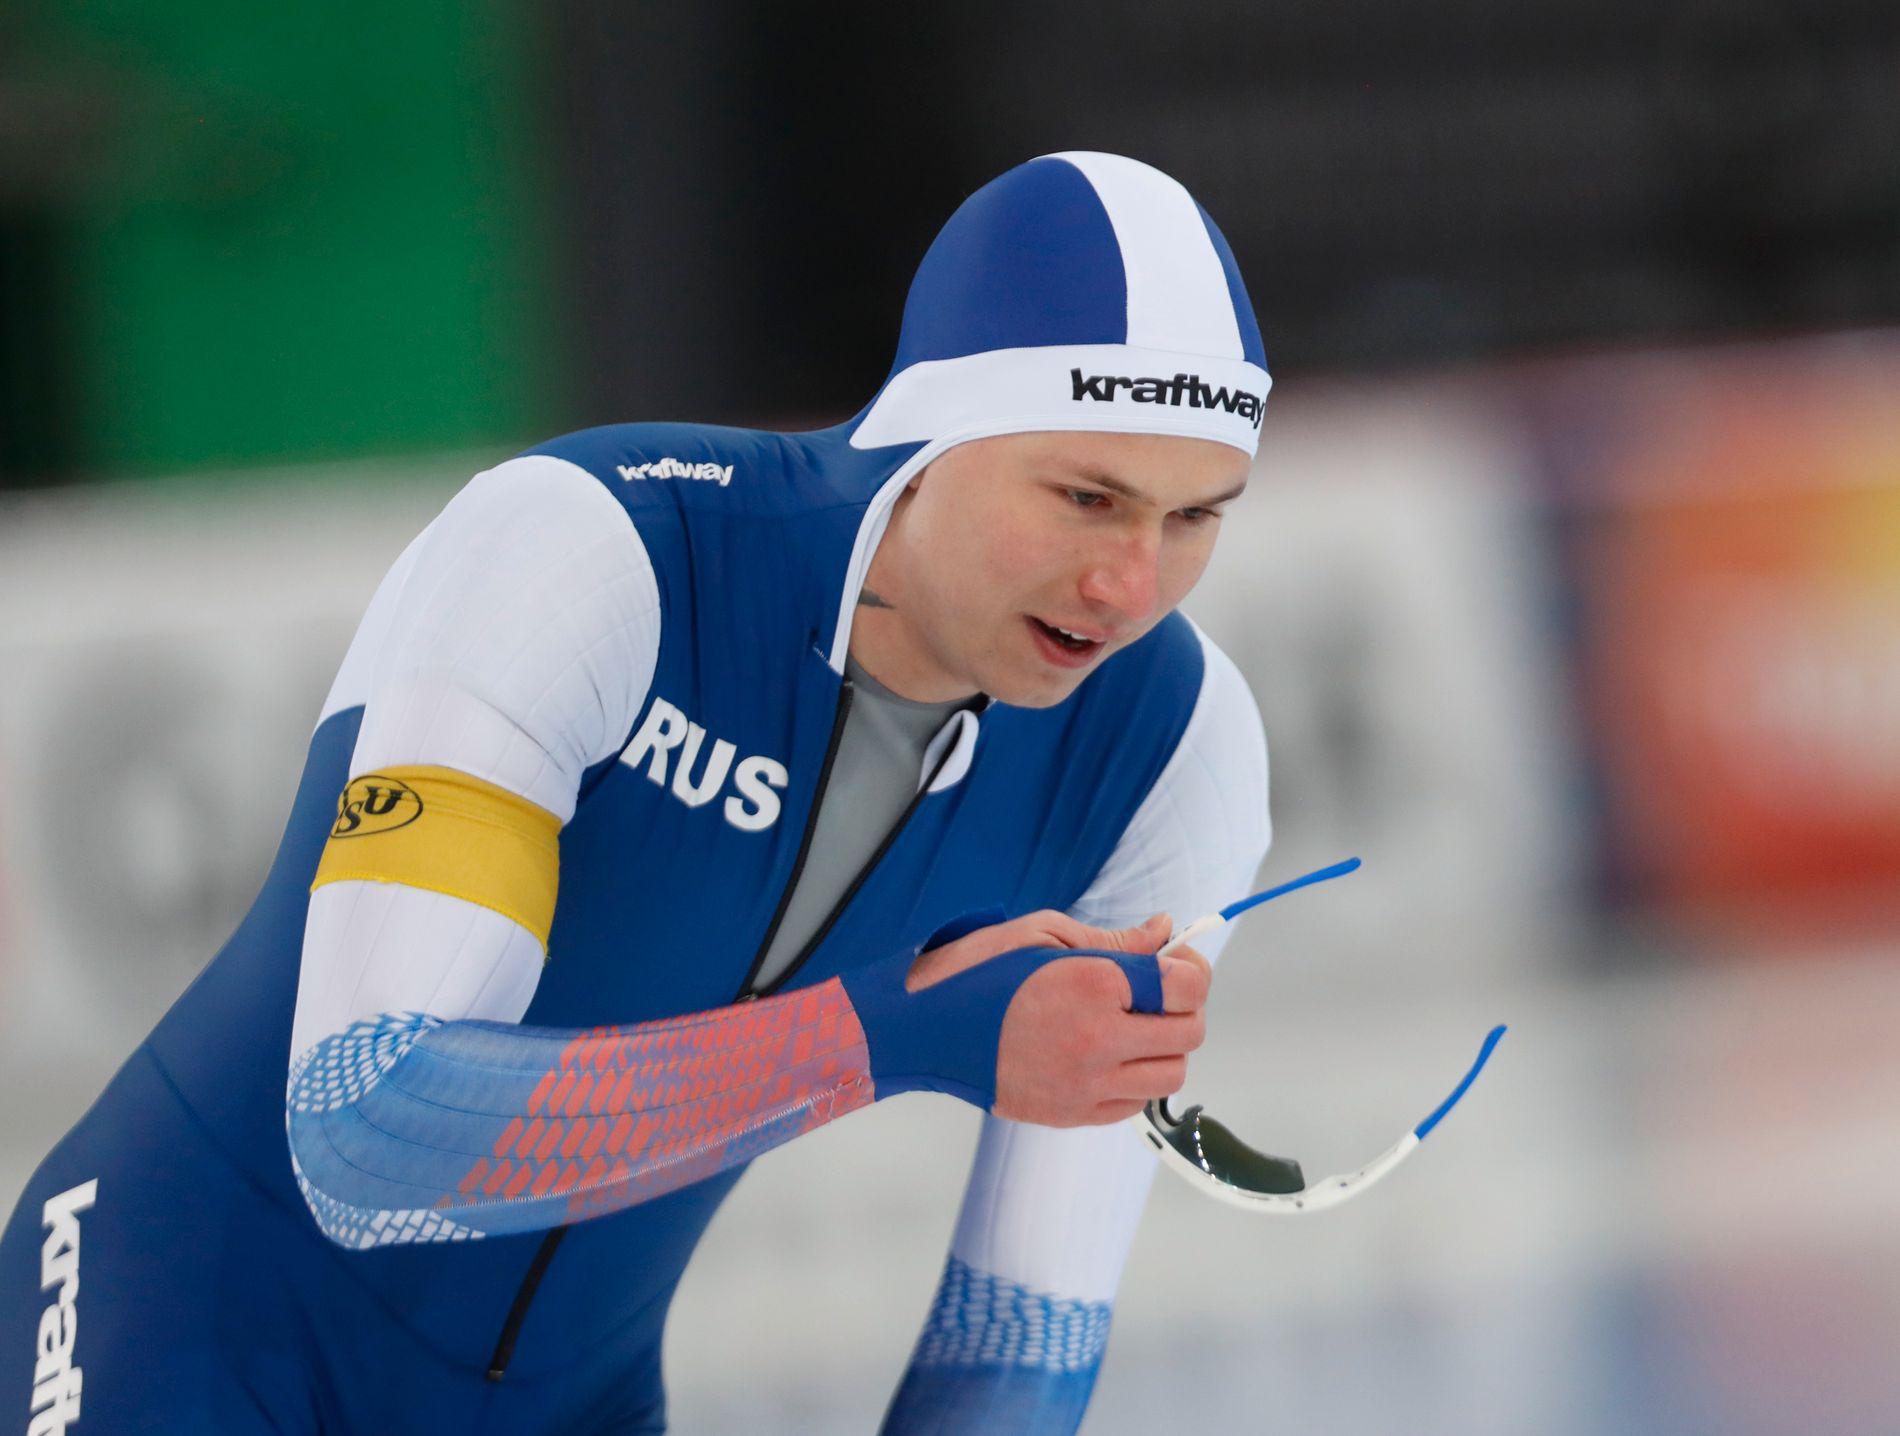 KONTROVERSIELL: Etter flere dopingsaker er verdensrekordholder Pavel Kulizjnikov allerede en omstridt mann i skøytemiljøet.